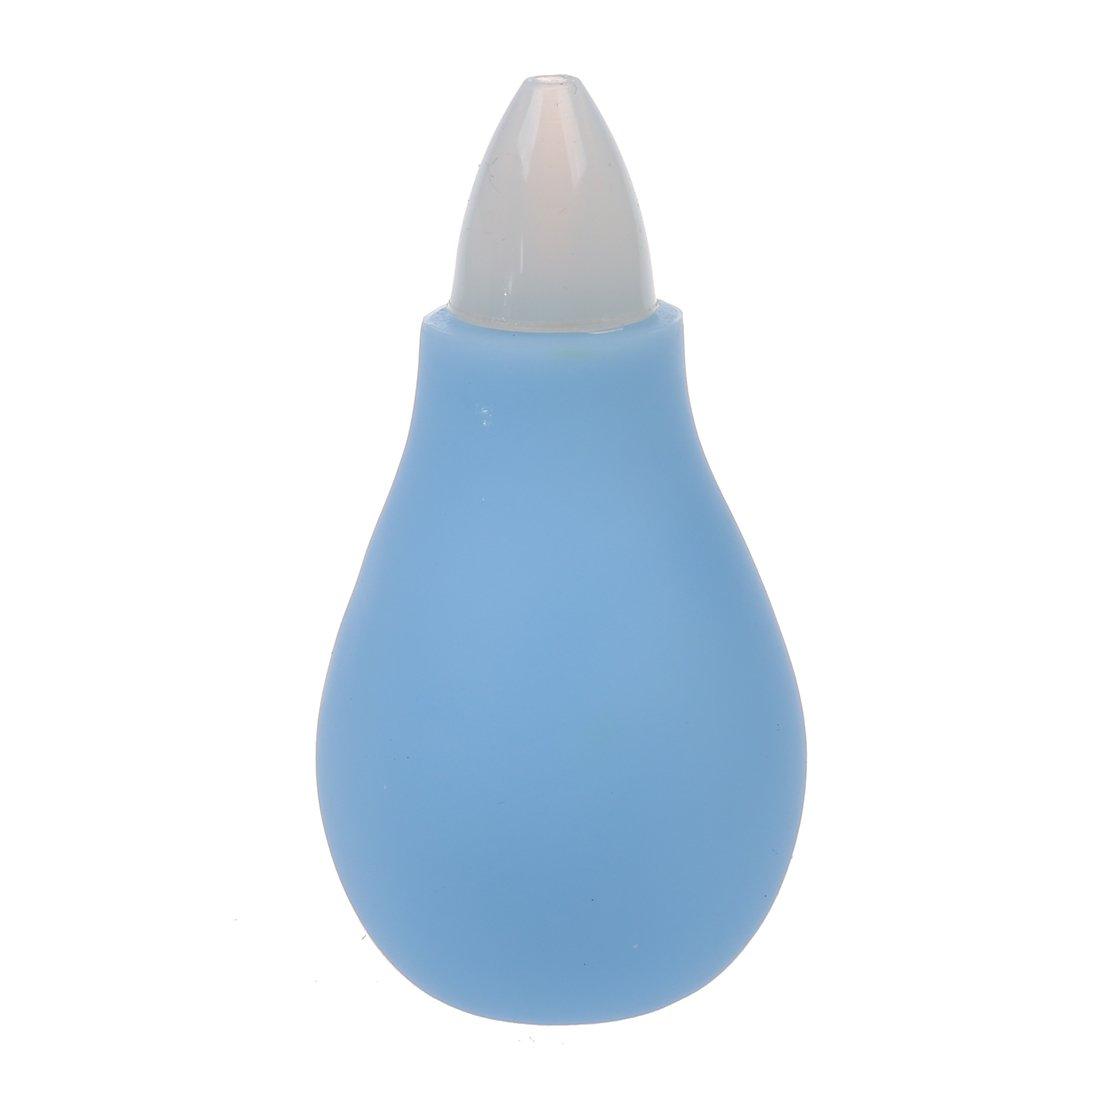 TOOGOO(R) Aspirateur de morve de bebe Bleu SODIAL(R)